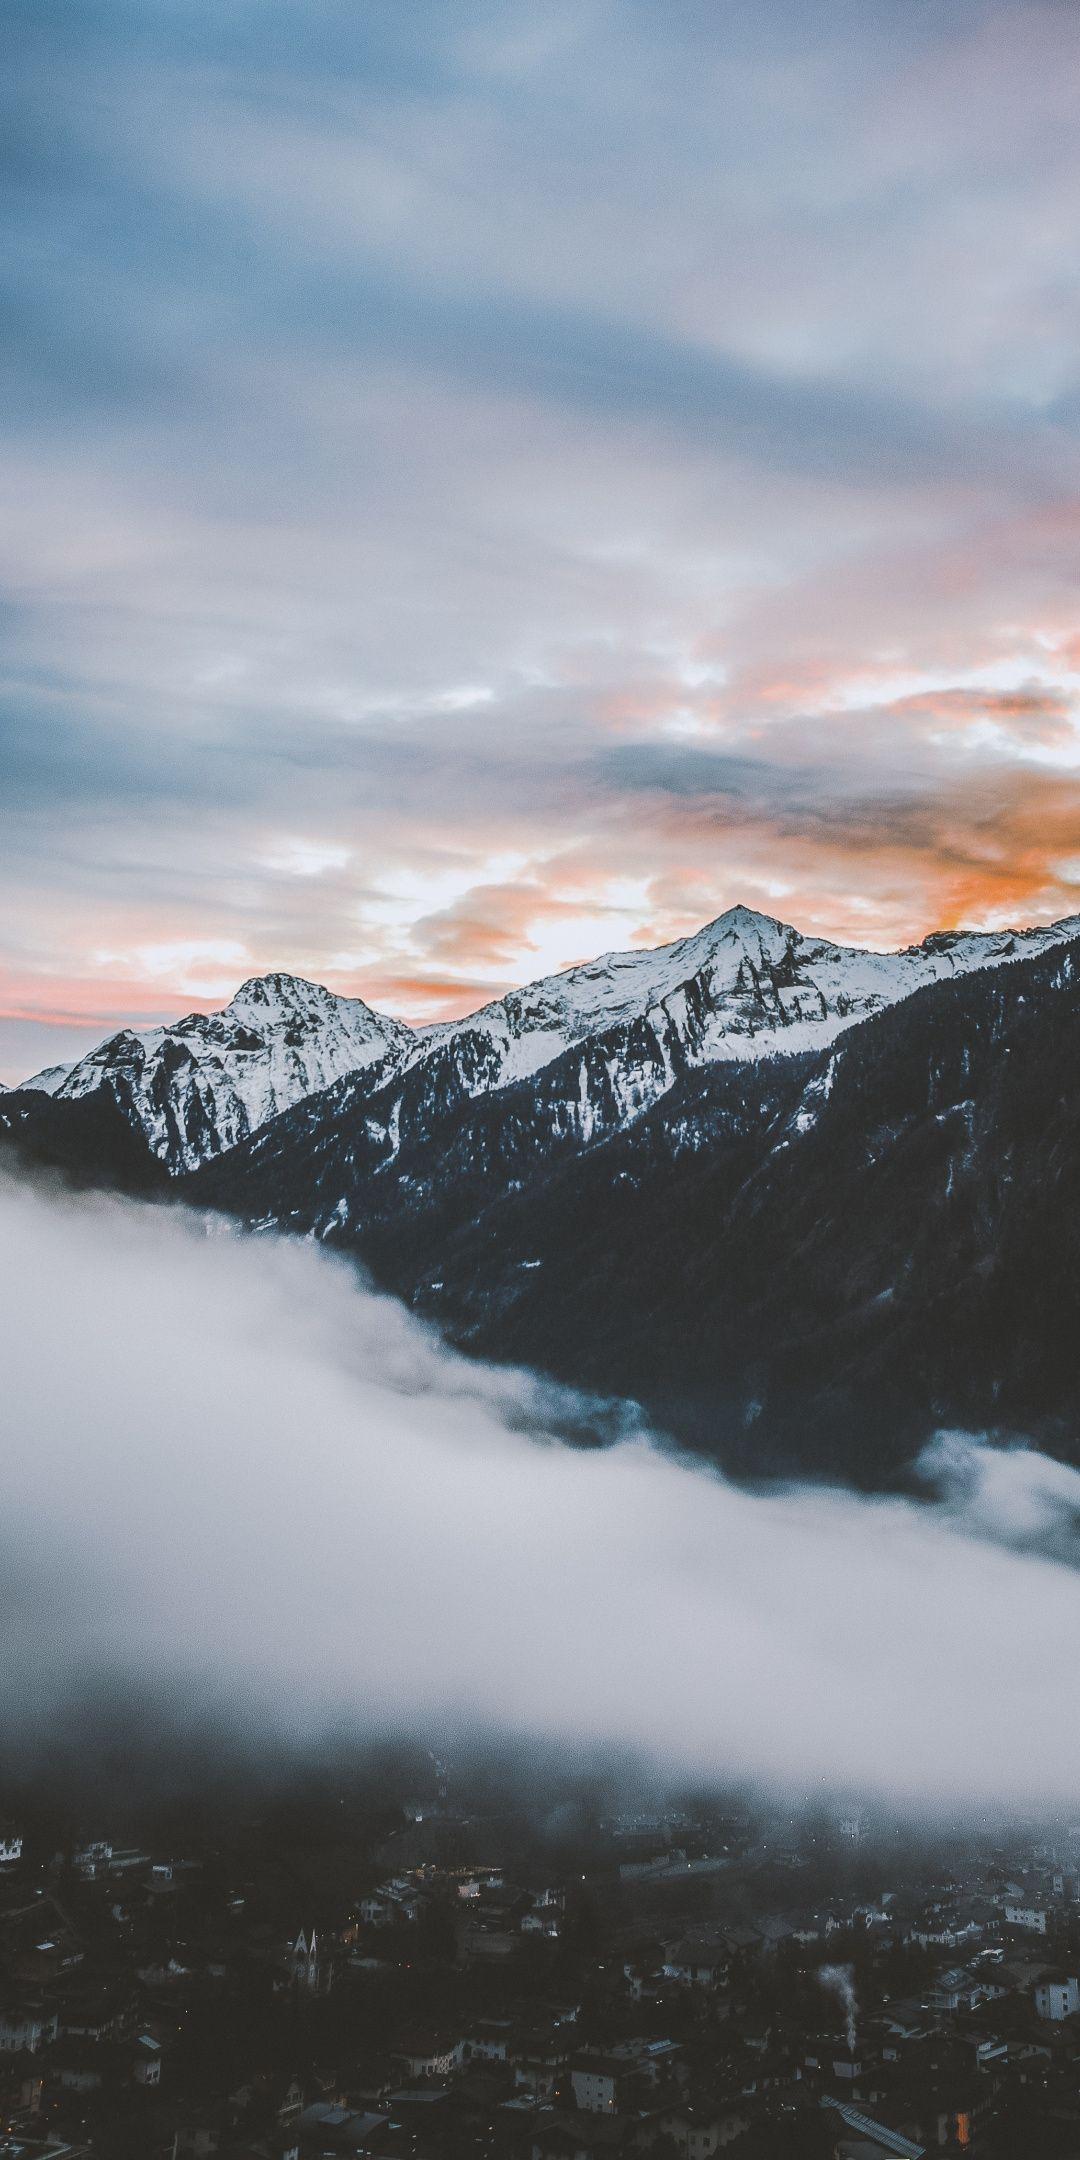 Cloud Mountain Wallpapers   Top Cloud Mountain Backgrounds 1080x2160